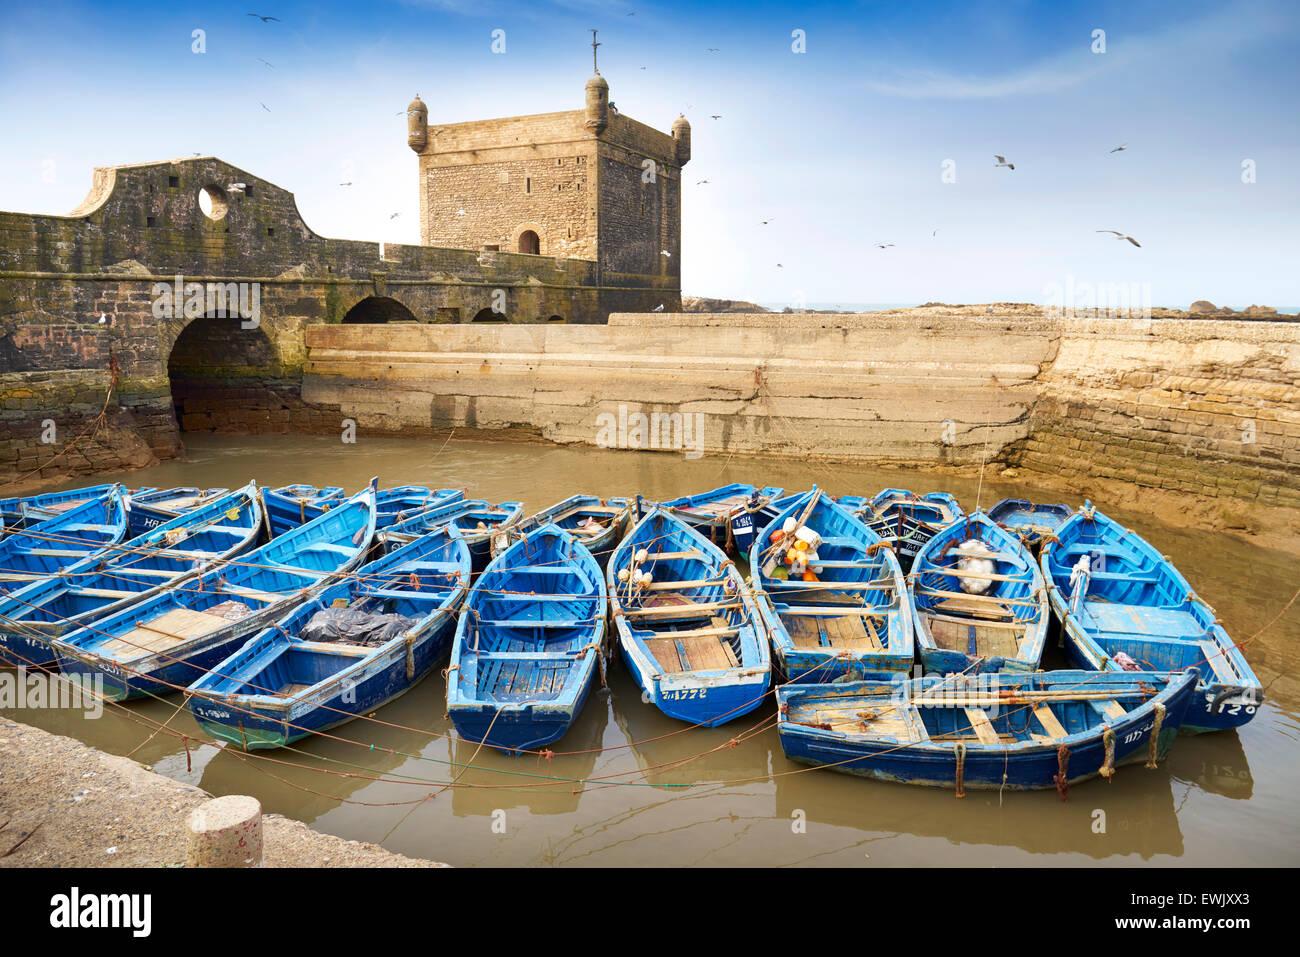 Bateaux de pêche bleu dans le port d'Essaouira, Maroc Photo Stock